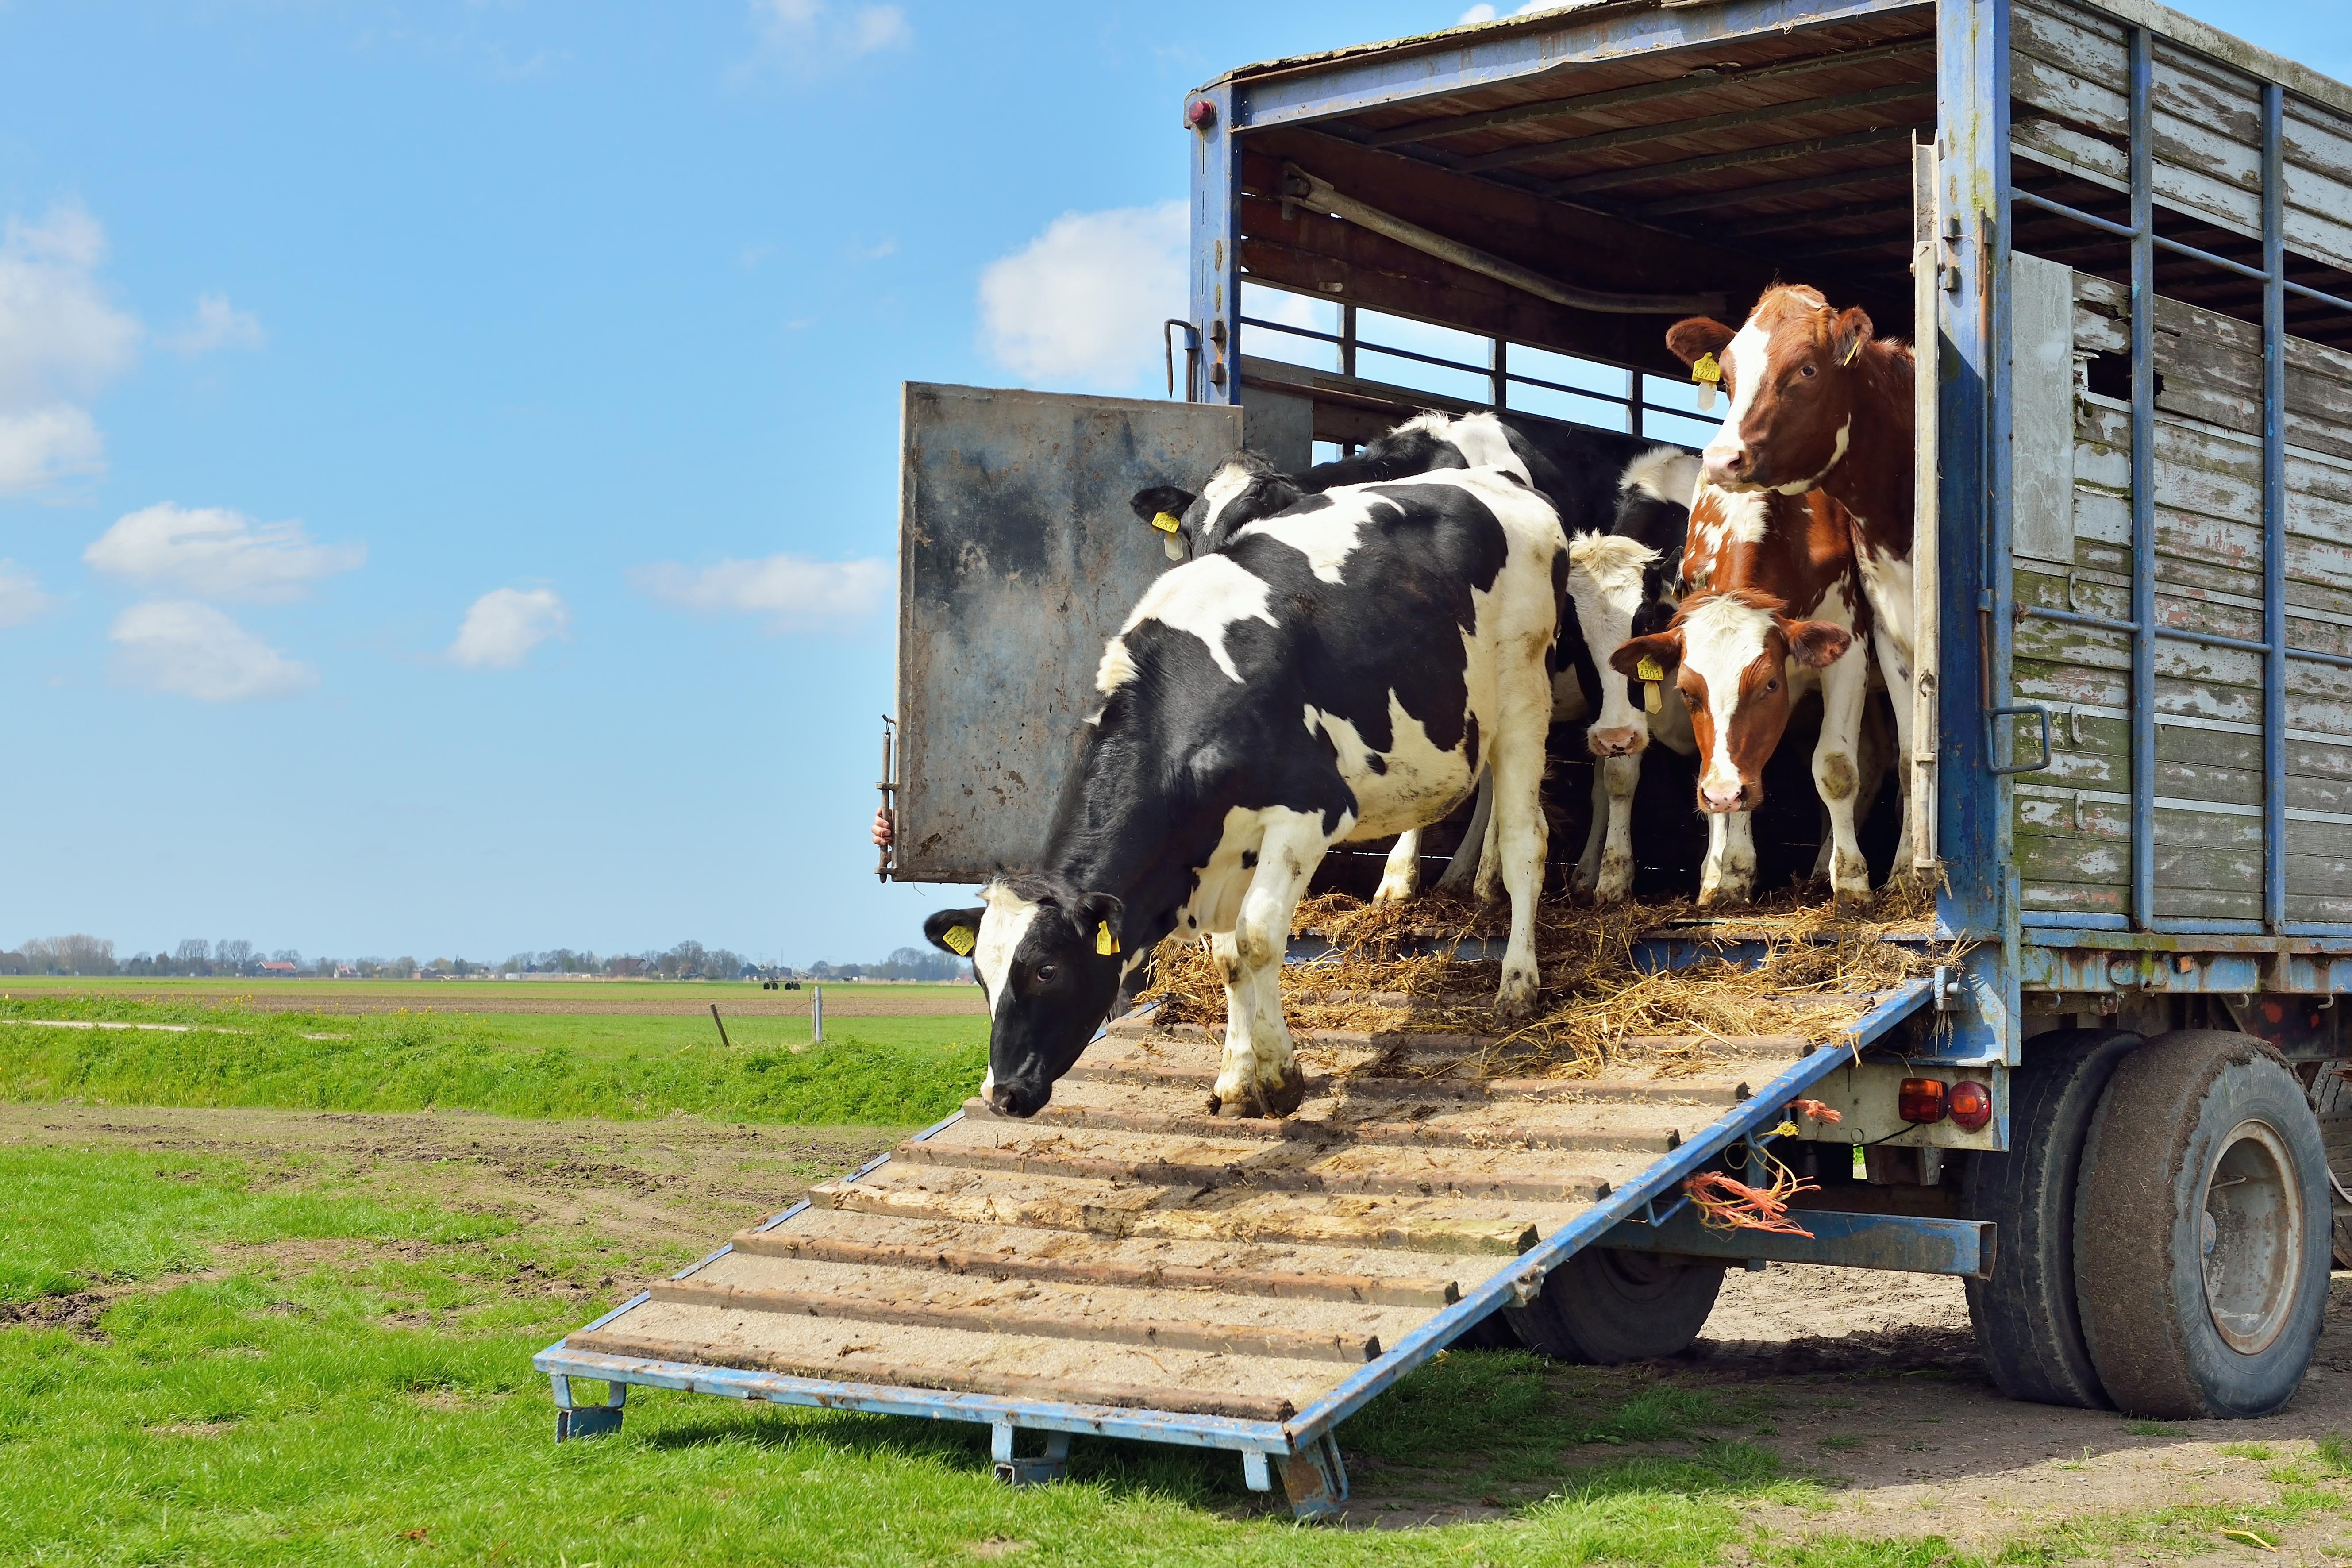 Kopyto za kopytem, czyli transport żywych zwierząt